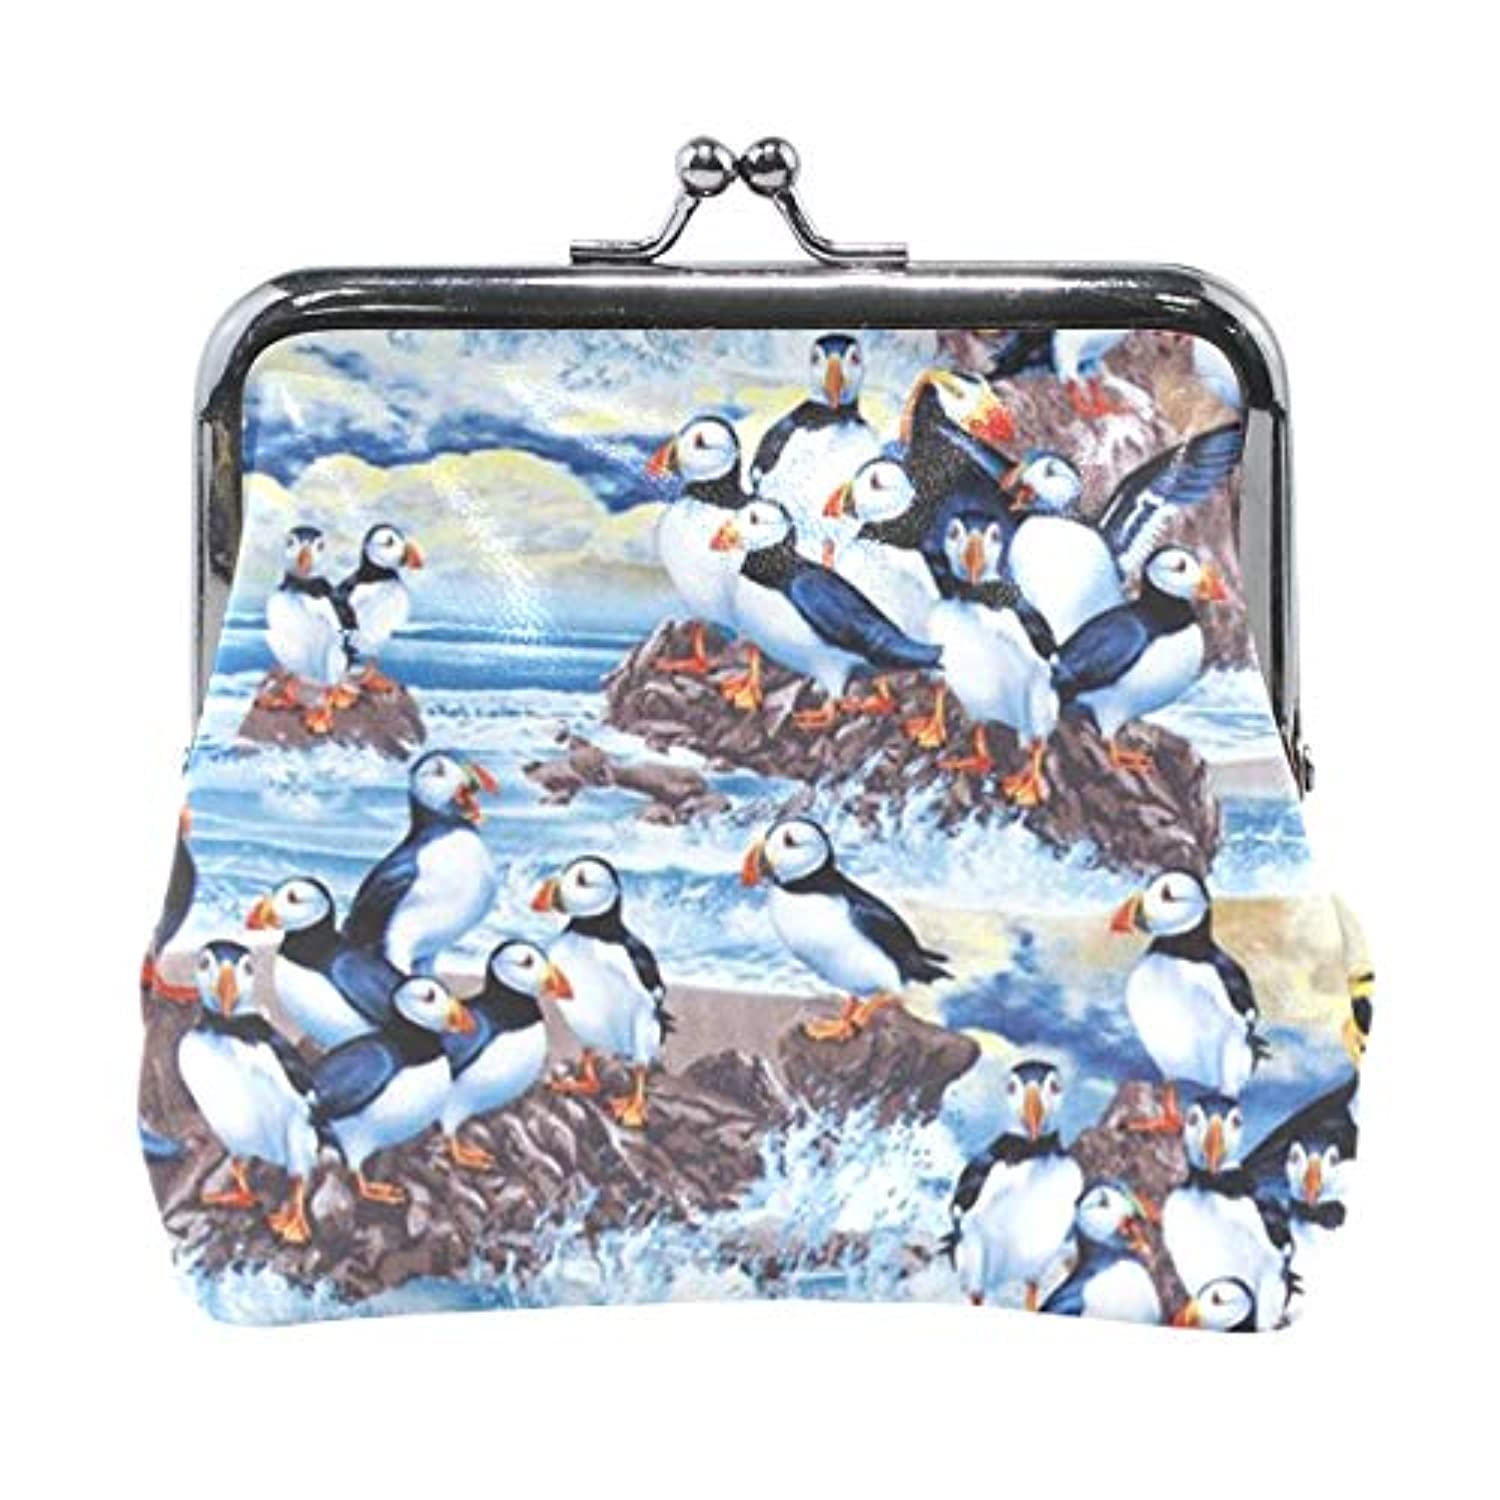 がま口 小銭入れ 財布 ペンギン コインケース レザー製 丸形 軽量 人気 おしゃれ プレゼント ギフト 雑貨